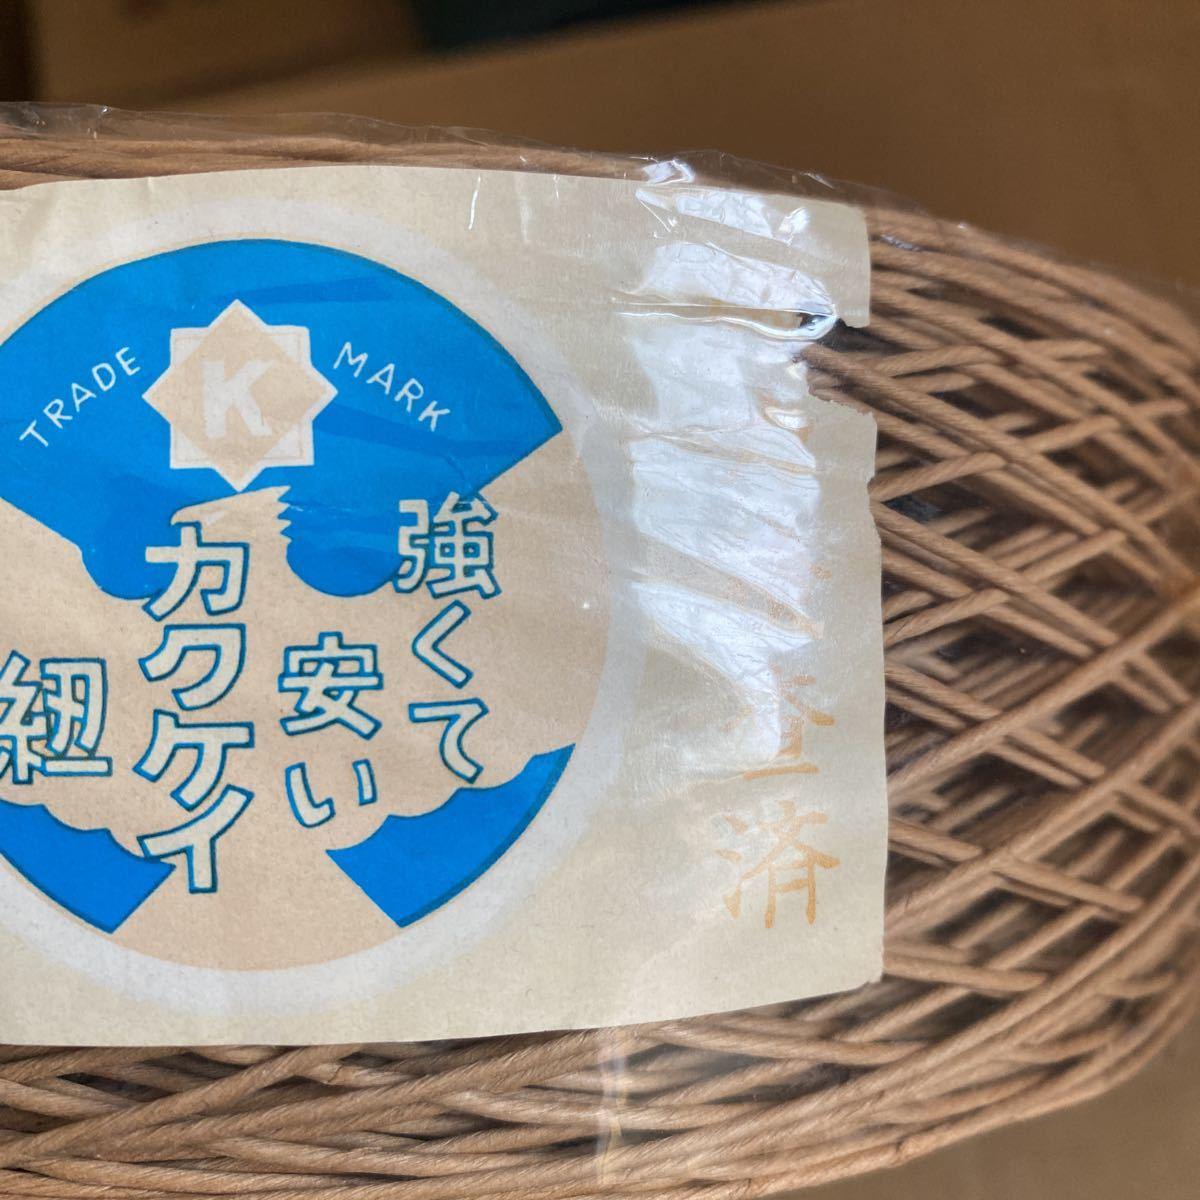 細紙紐 紙のヒモ 手芸 梱包 未使用状態紙バンド クラフトバンド クラフトテープ_画像3